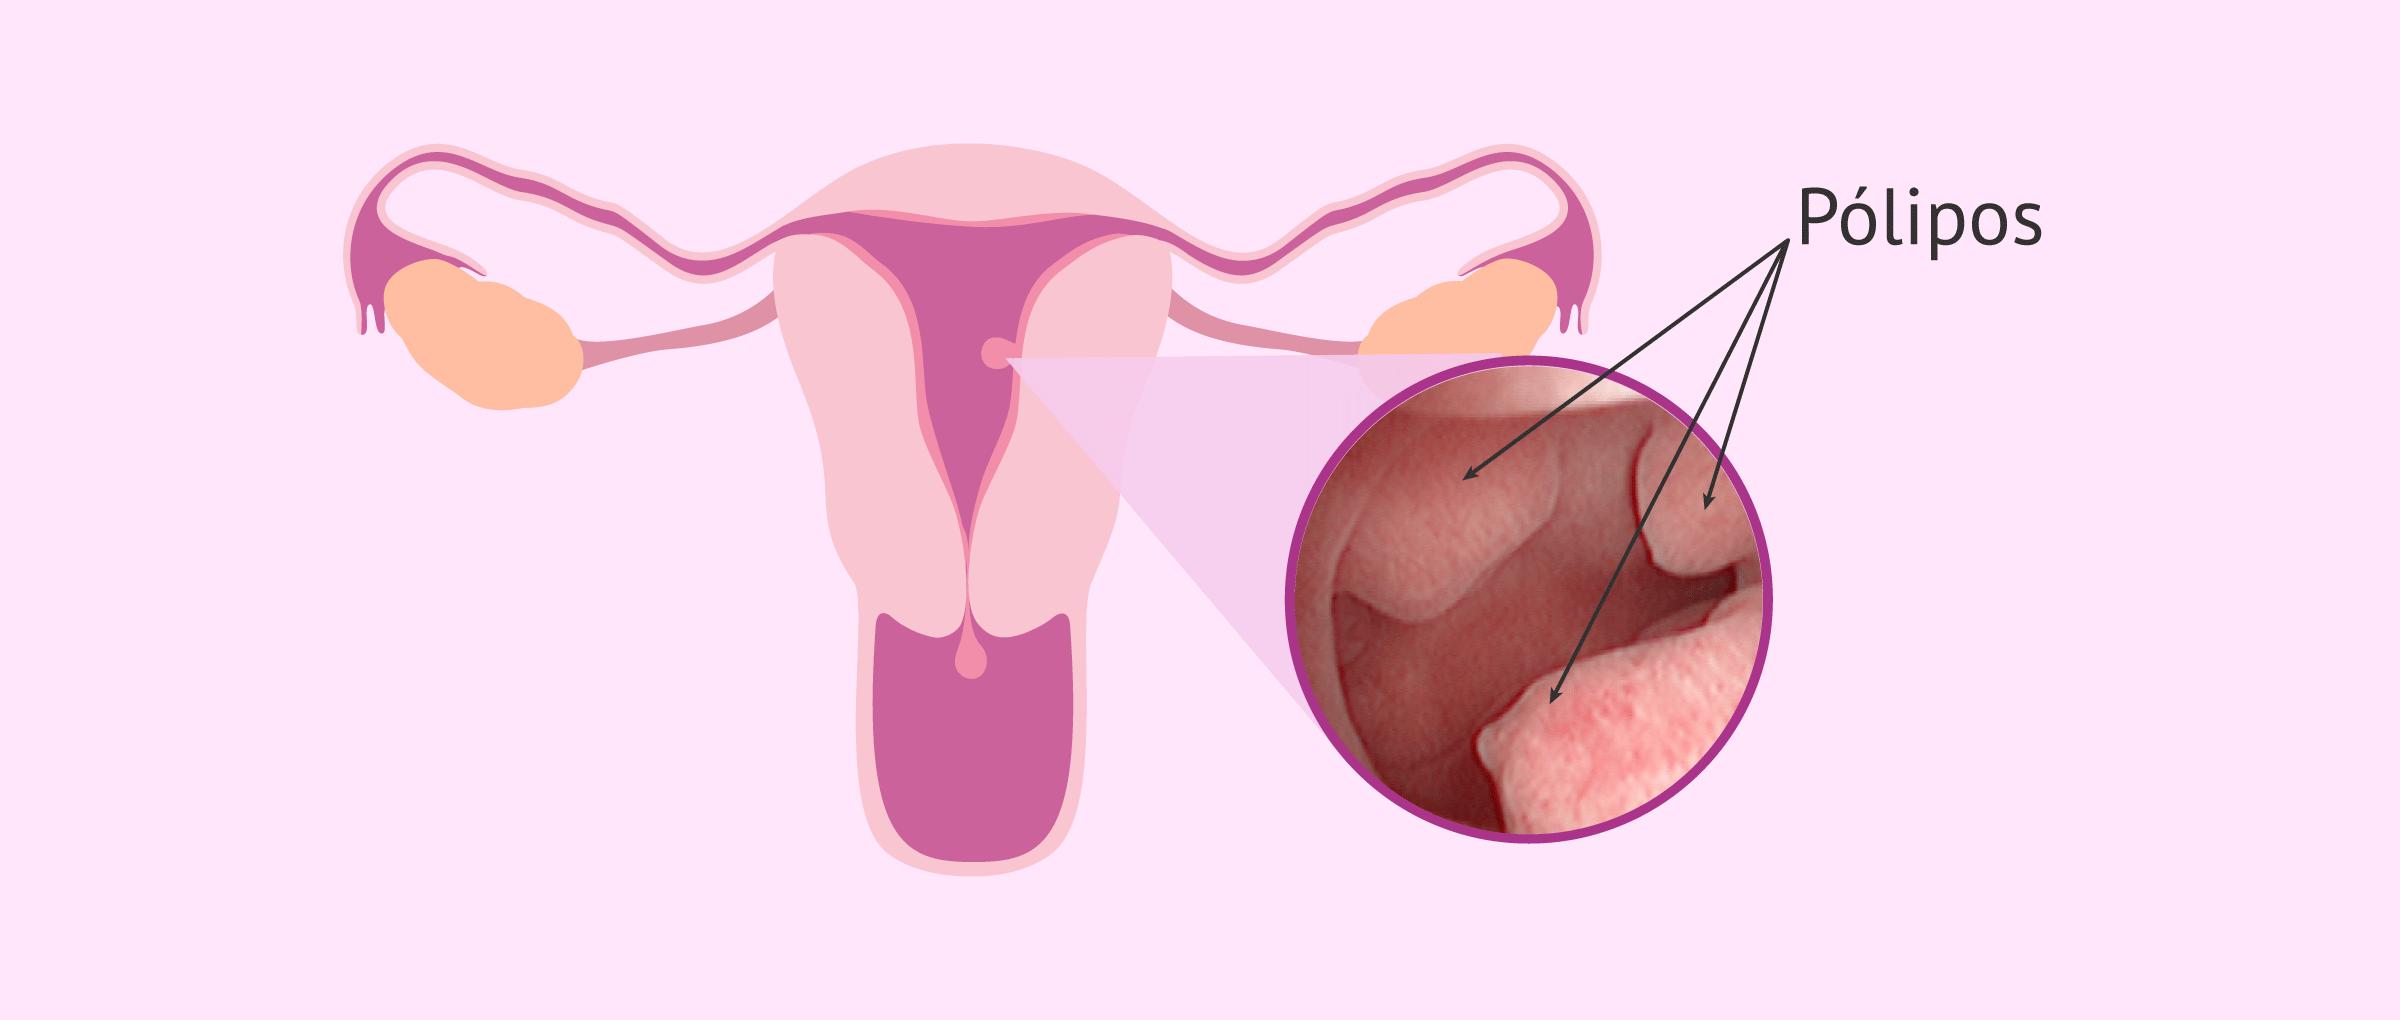 Lugar de aparición de pólipos